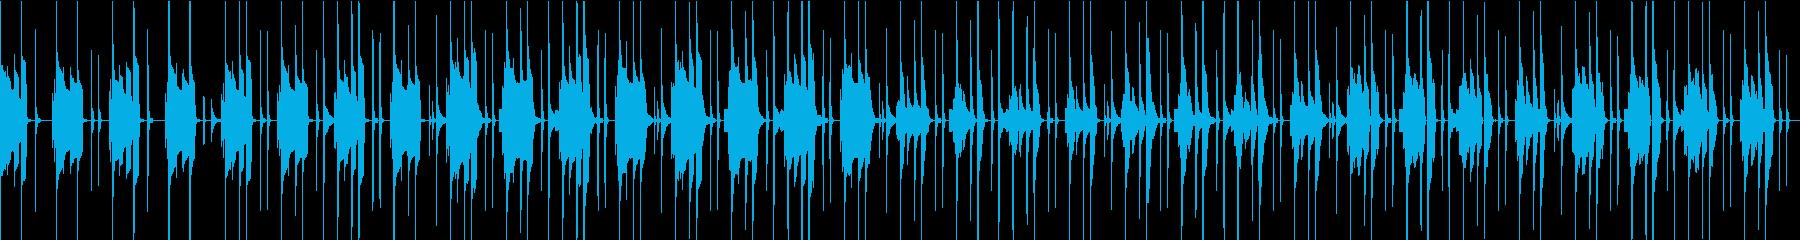 配信/ゲーム/日常/かわいい/ほのぼのの再生済みの波形